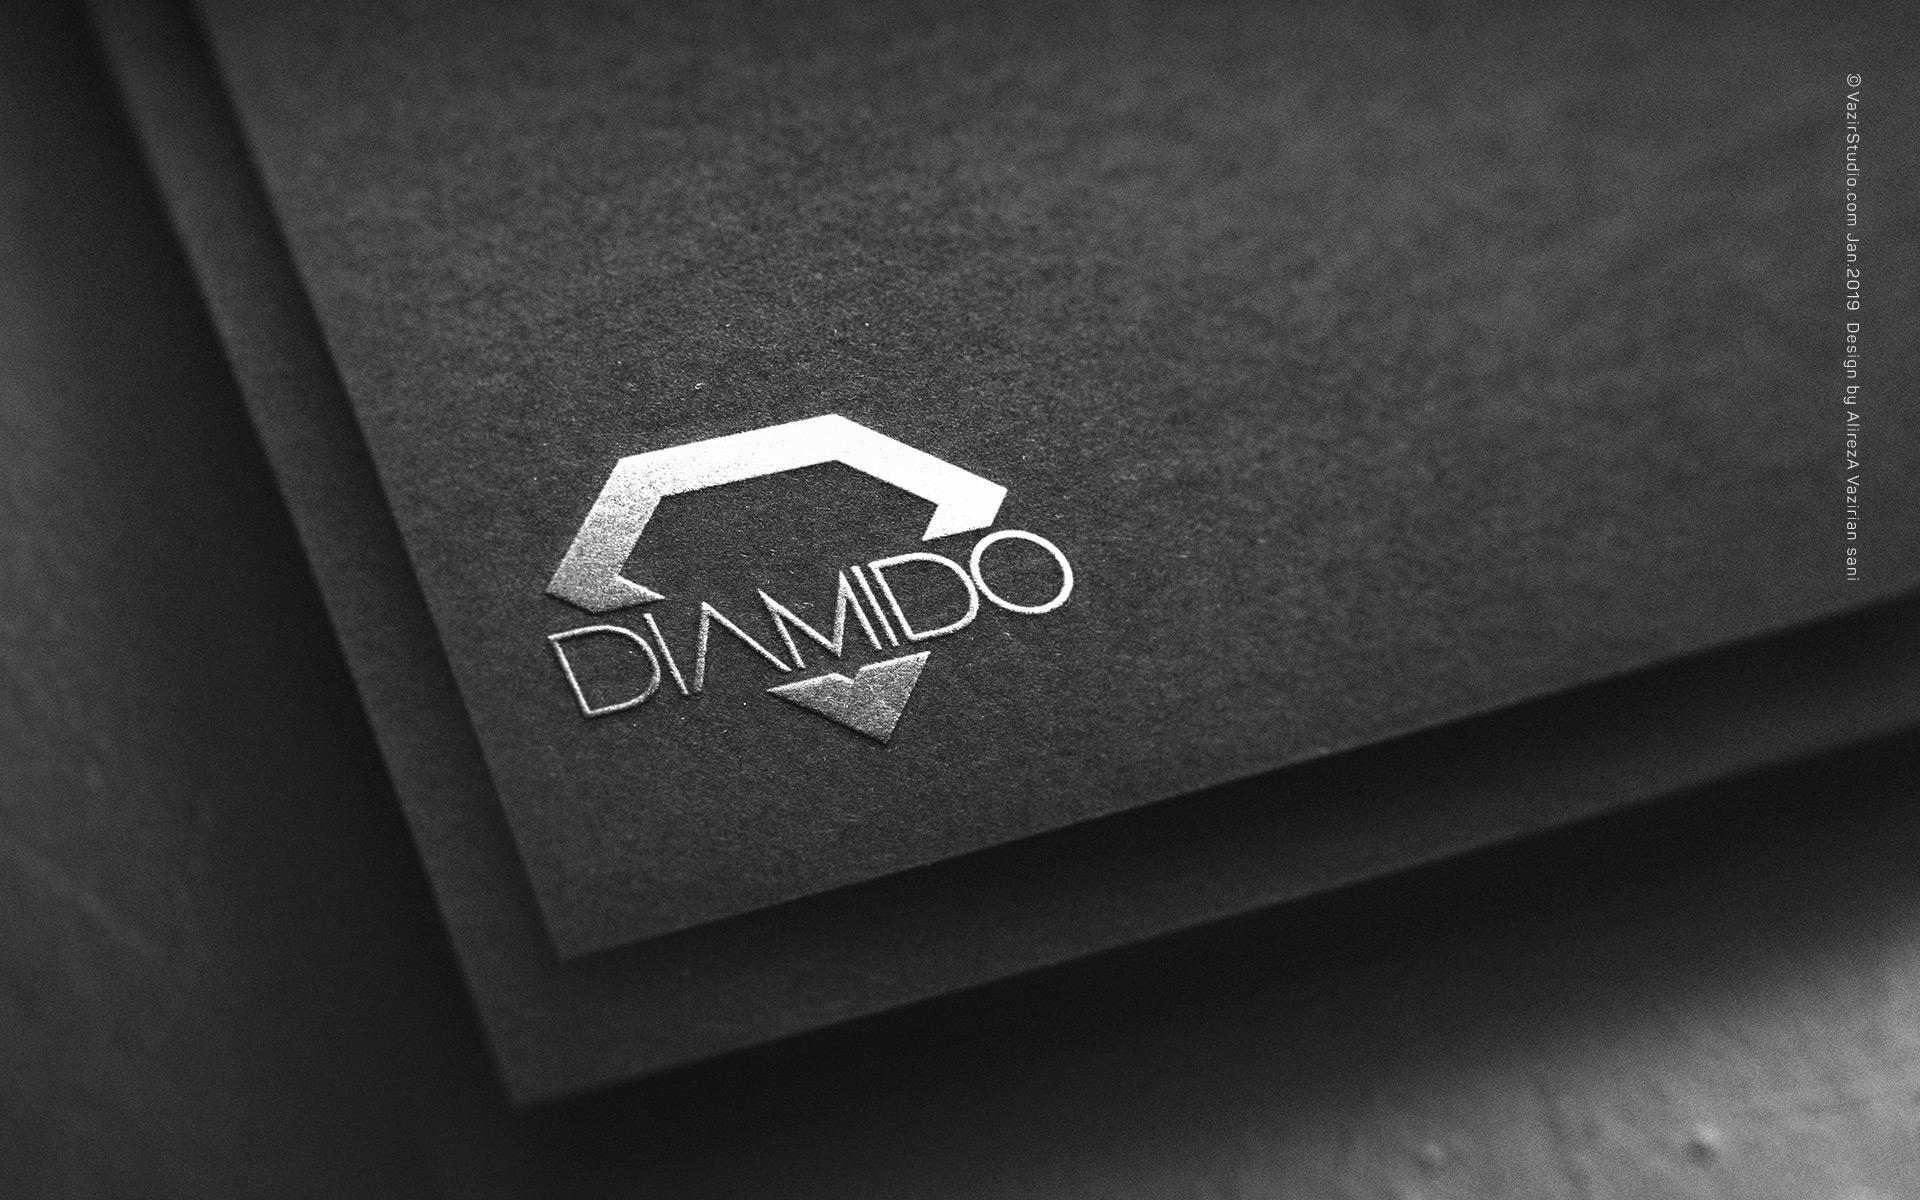 diamido logo design portfolio by vazirstudio.com